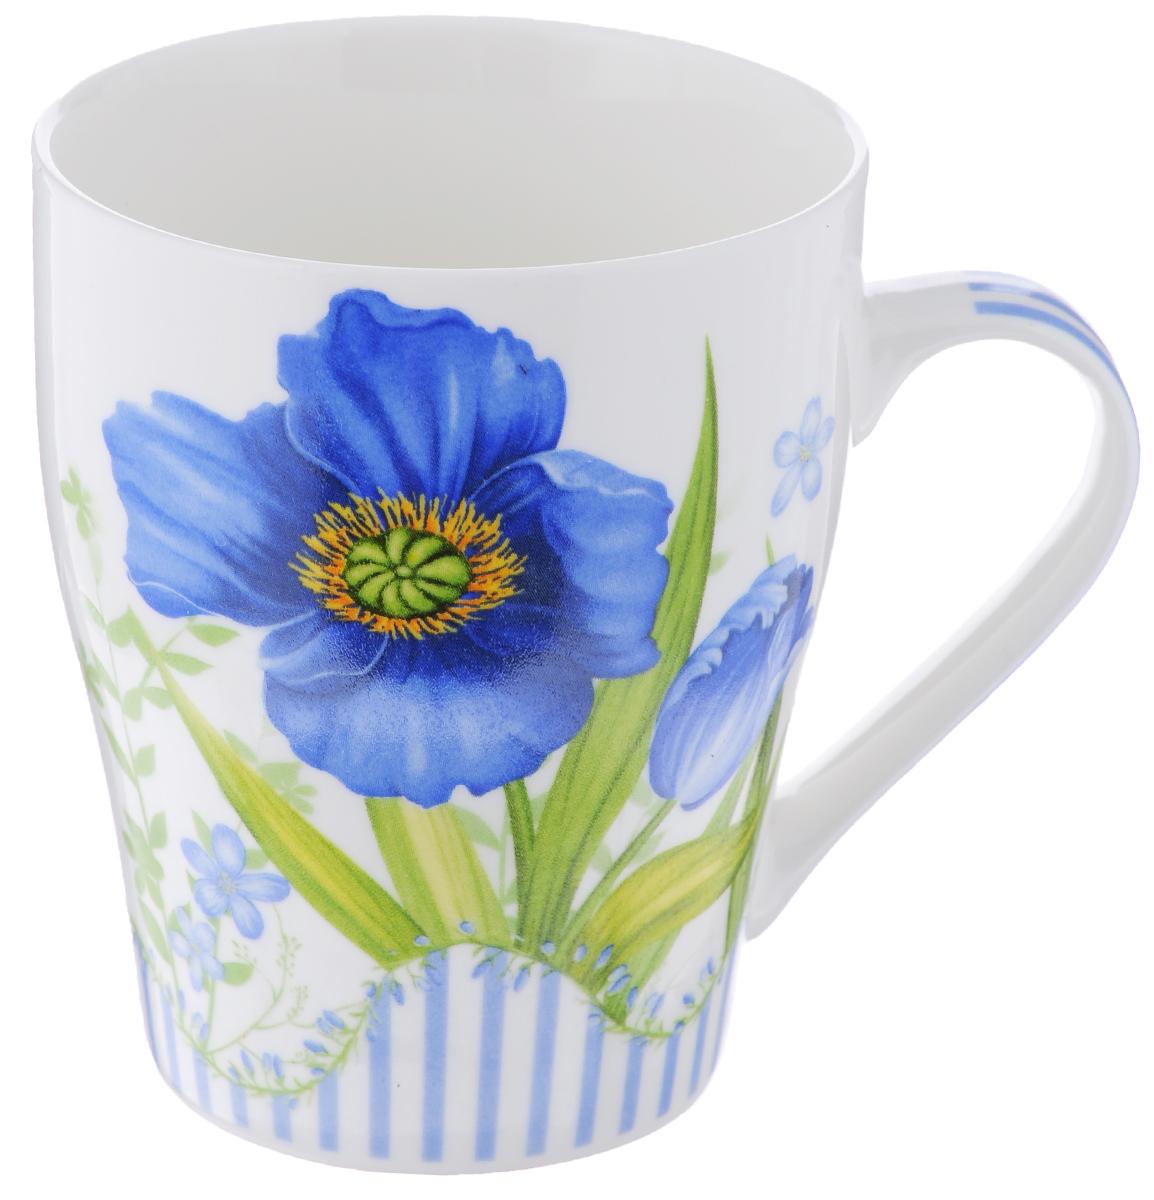 Кружка Loraine Цветок, цвет: белый, синий, 340 мл24466_ синийКружка Loraine Цветок изготовлена из высококачественного фарфора. Изделие оформлено изображением цветов. Такая кружка станет приятным сувениром и обязательно порадует вас и ваших близких. Объем: 340 мл. Диаметр кружки (по верхнему краю): 8 см. Высота кружки: 10 см.